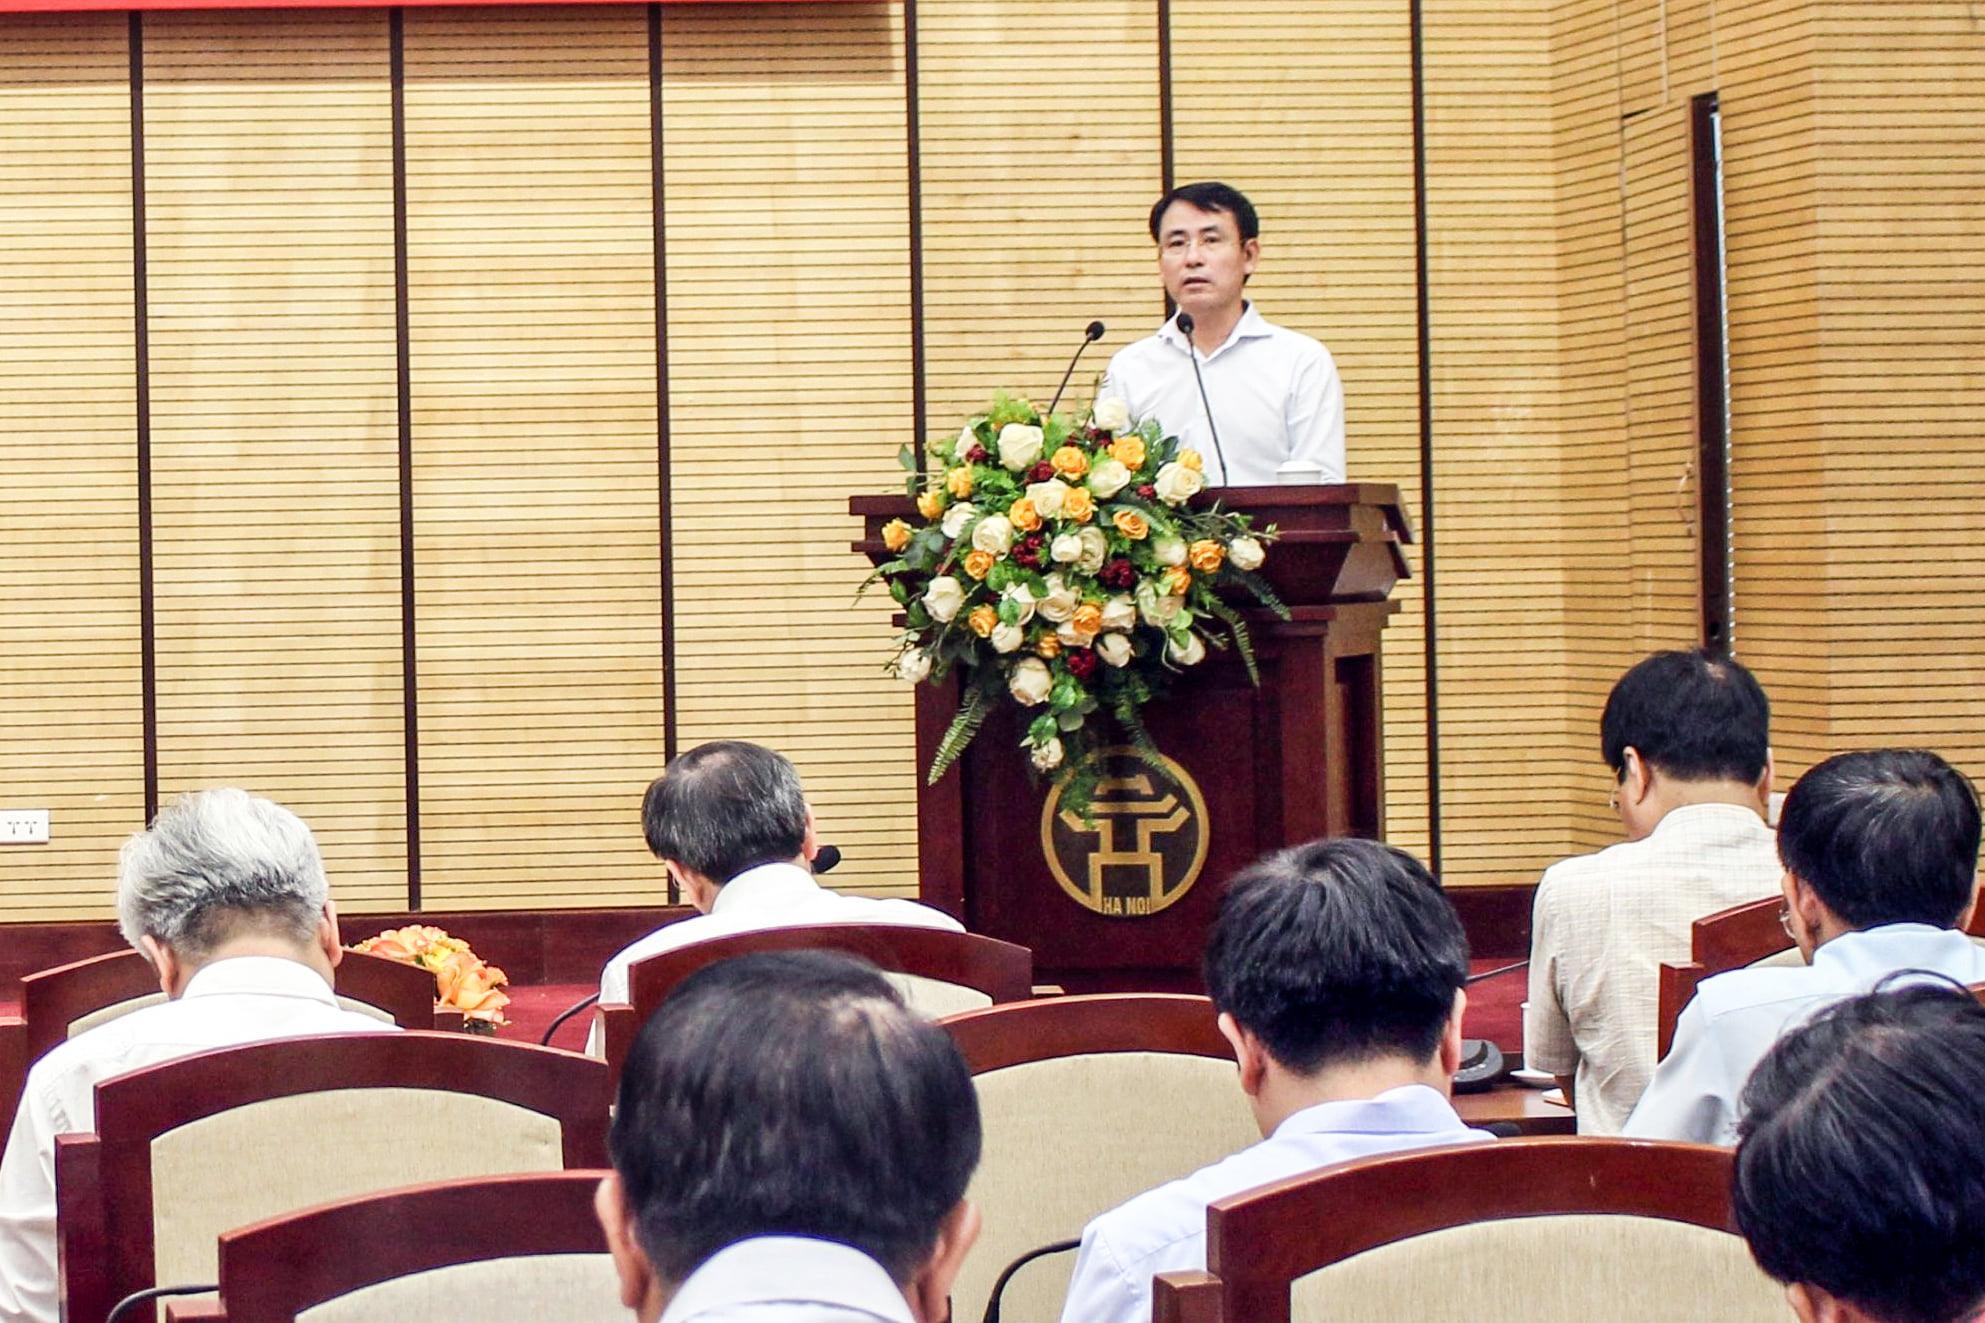 """Phòng, chống tham nhũng: Hà Nội xây dựng cán bộ liêm chính, xóa bỏ tình trạng """"xin - cho"""" - Ảnh 1."""